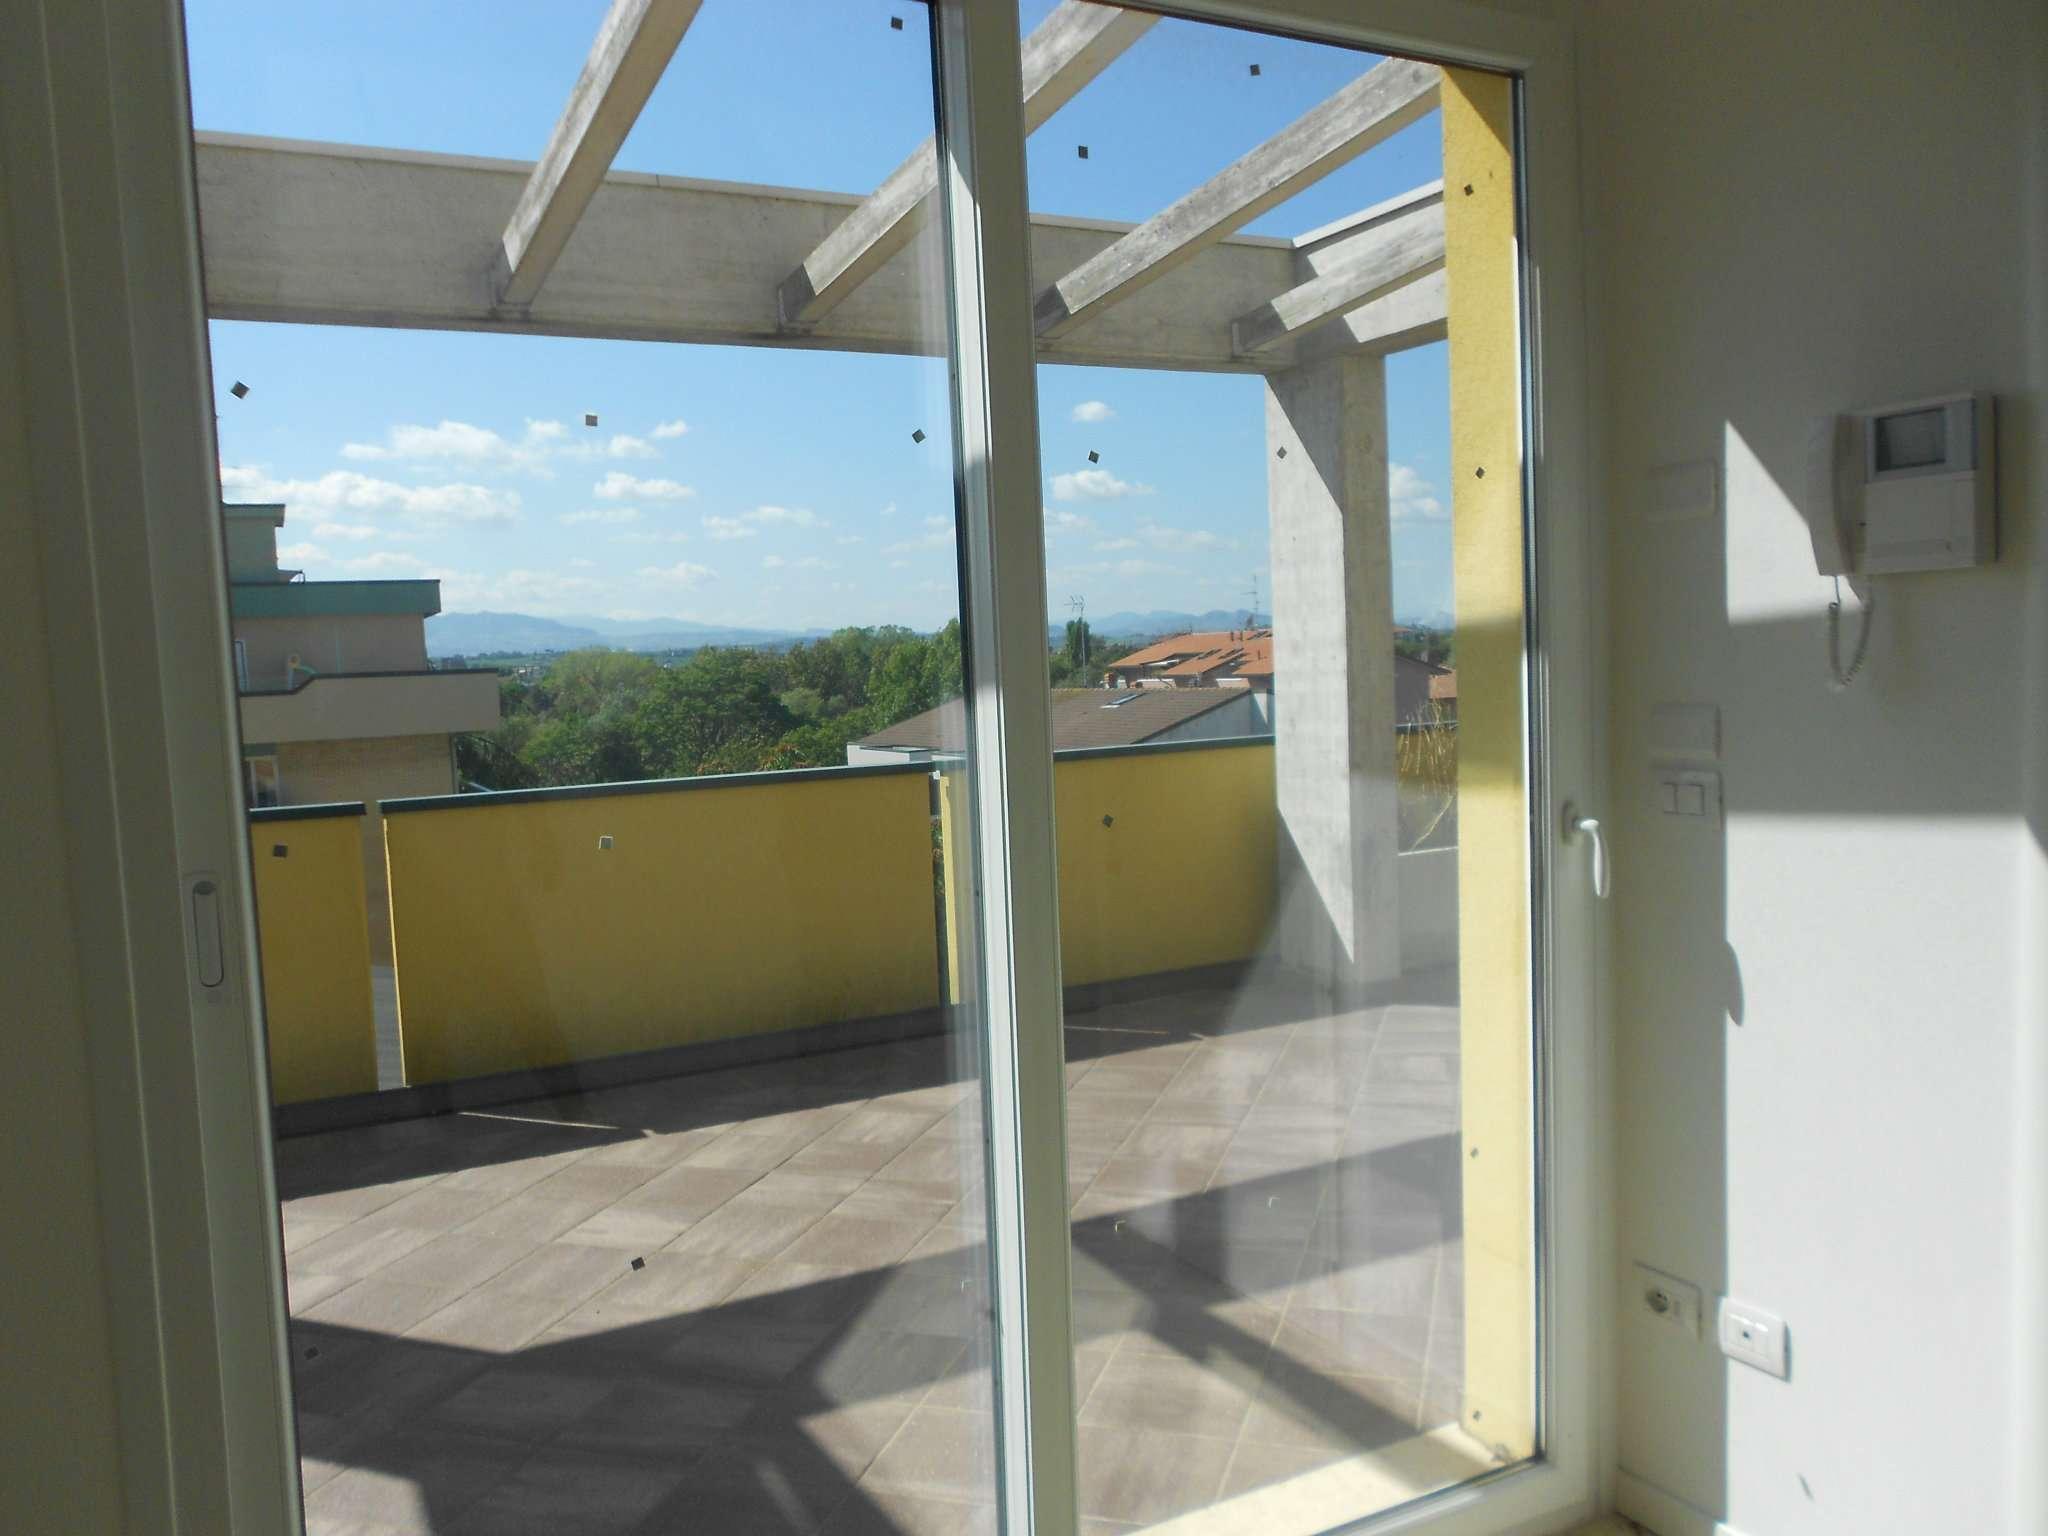 Attico / Mansarda in vendita a Rimini, 6 locali, prezzo € 345.000 | Cambio Casa.it